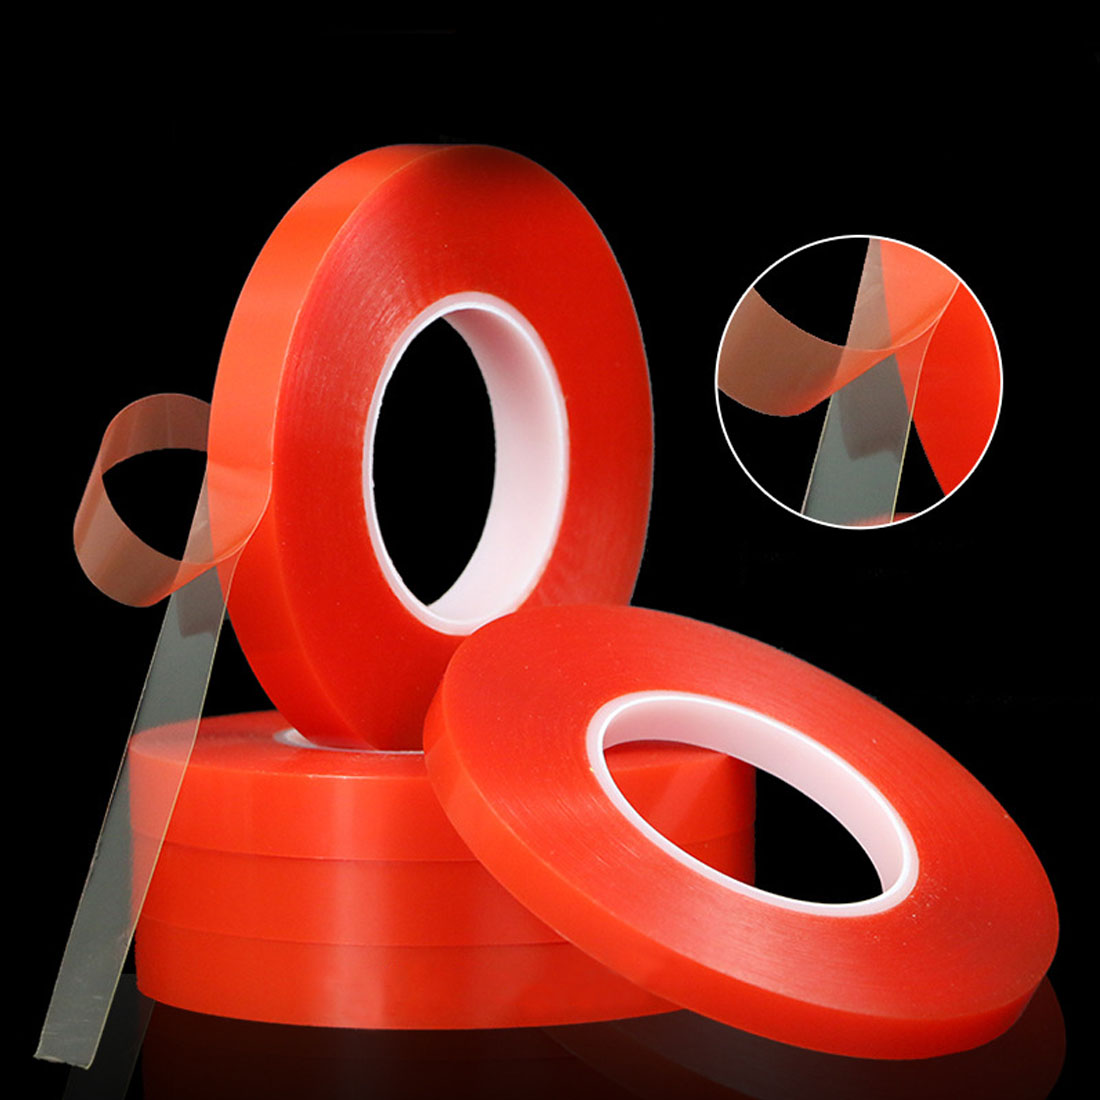 2mm 50M cinta de doble cara fuerte Adhesivo acrílico película roja pegatina transparente para el teléfono móvil pantalla del panel LCD herramienta de reparación de la pantalla Repelente para topos de jardín al aire libre ultrasonido Solar topo serpiente pájaro Mosquito ratón ultrasónico Deworm Control herramientas de jardinería